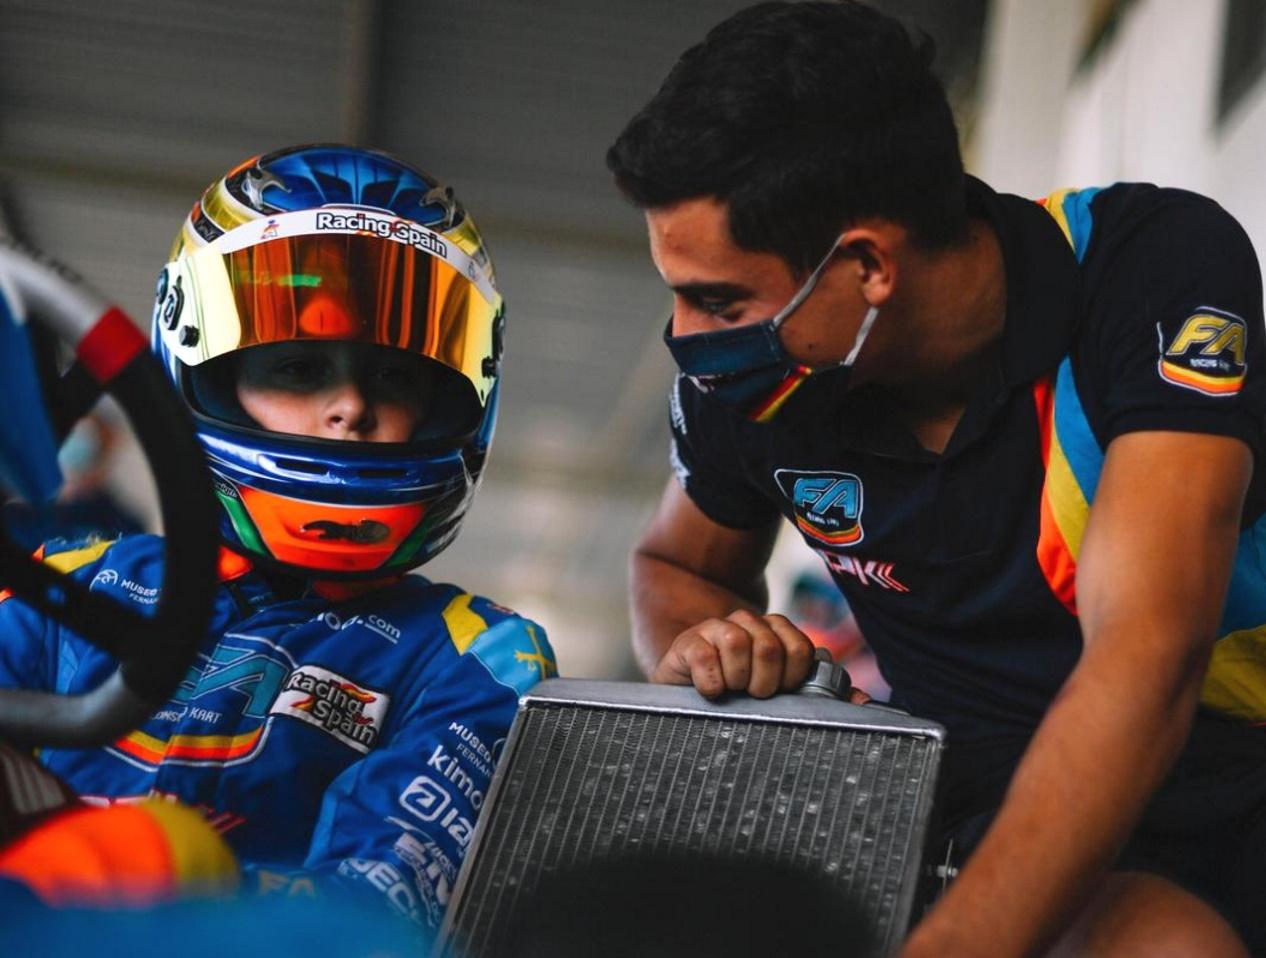 FIA Karting - DPK Racing de nuevo entre los mejores